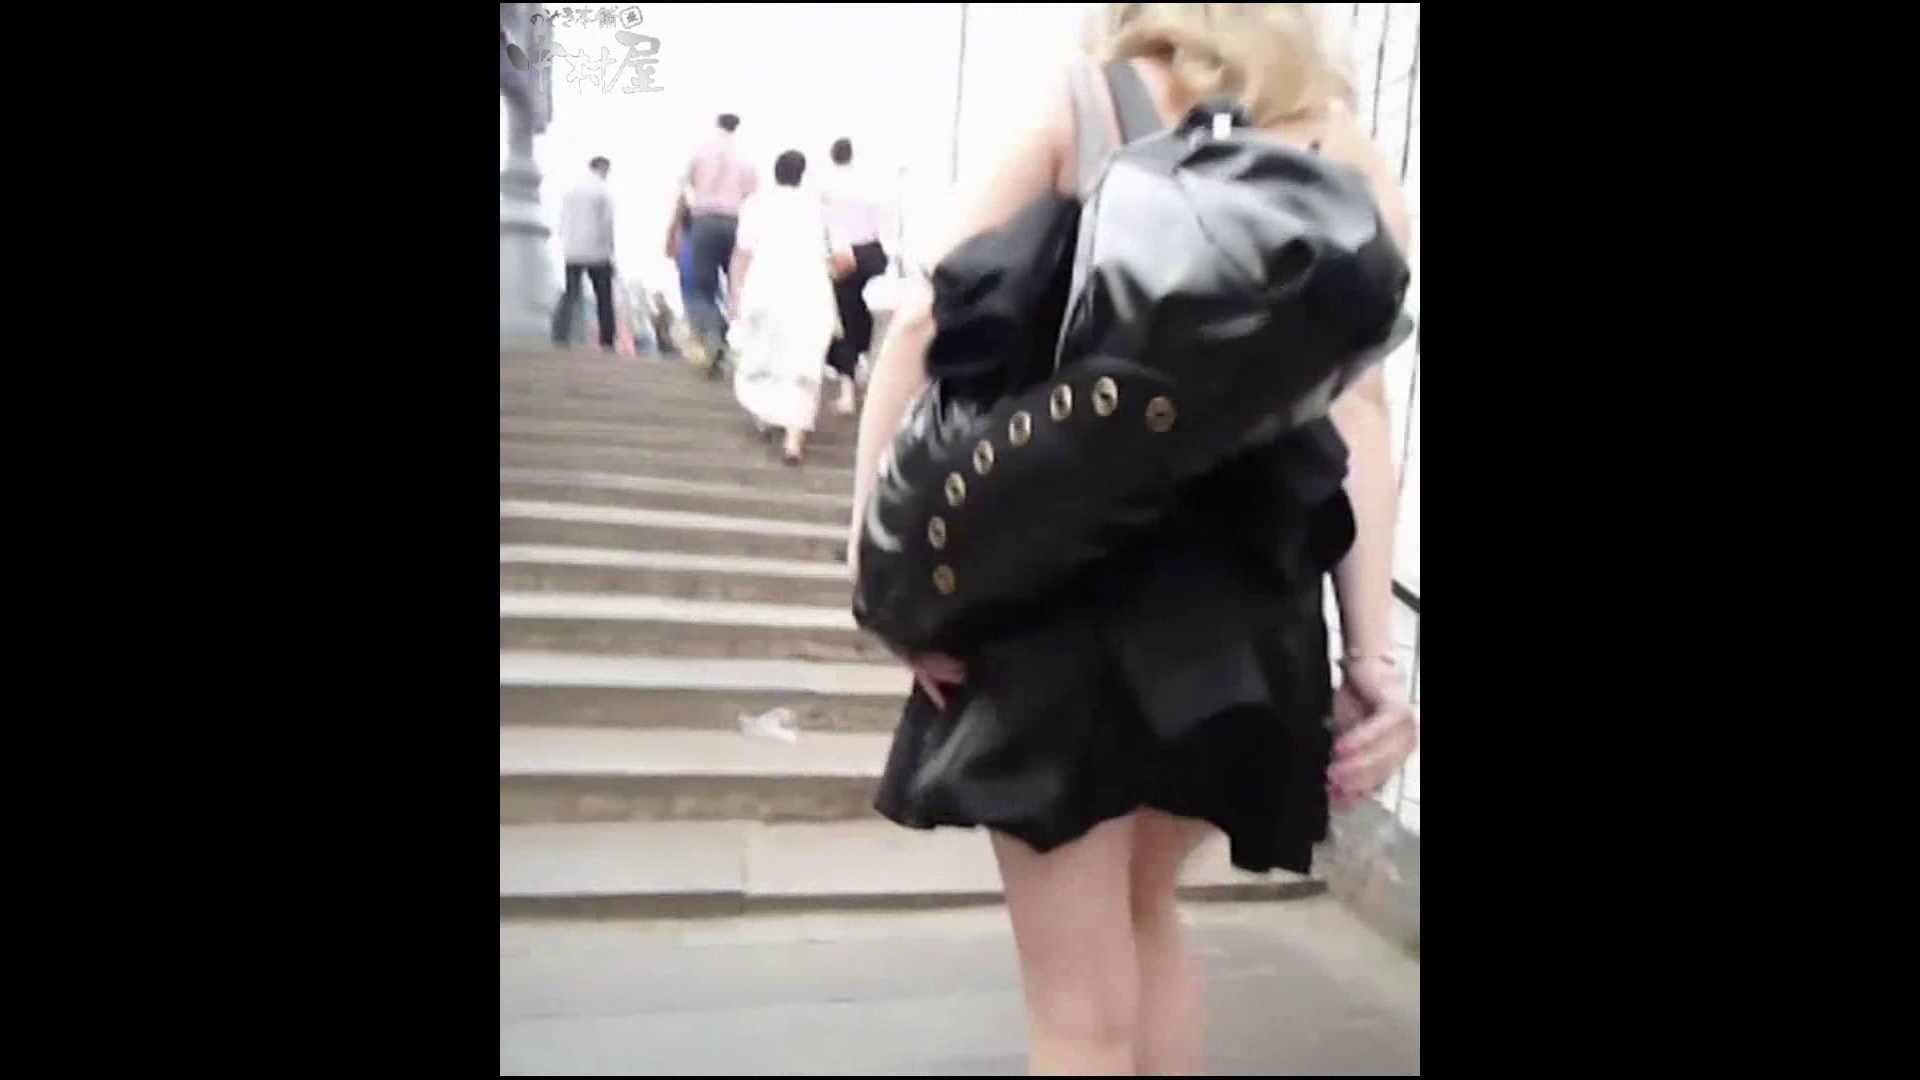 綺麗なモデルさんのスカート捲っちゃおう‼ vol25 お姉さん | OLすけべ画像  62連発 13